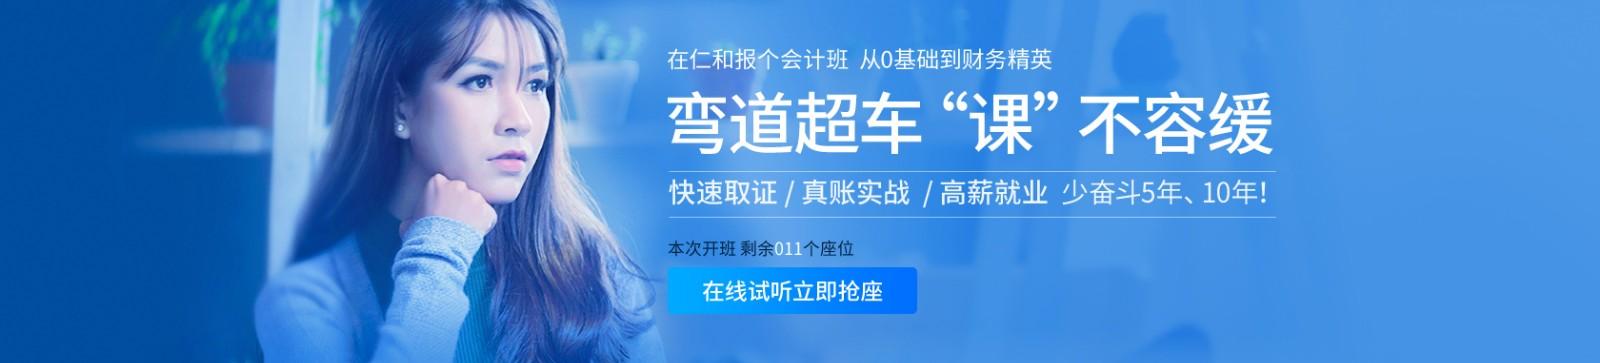 荆州仁和会计betway体育app学校 横幅广告